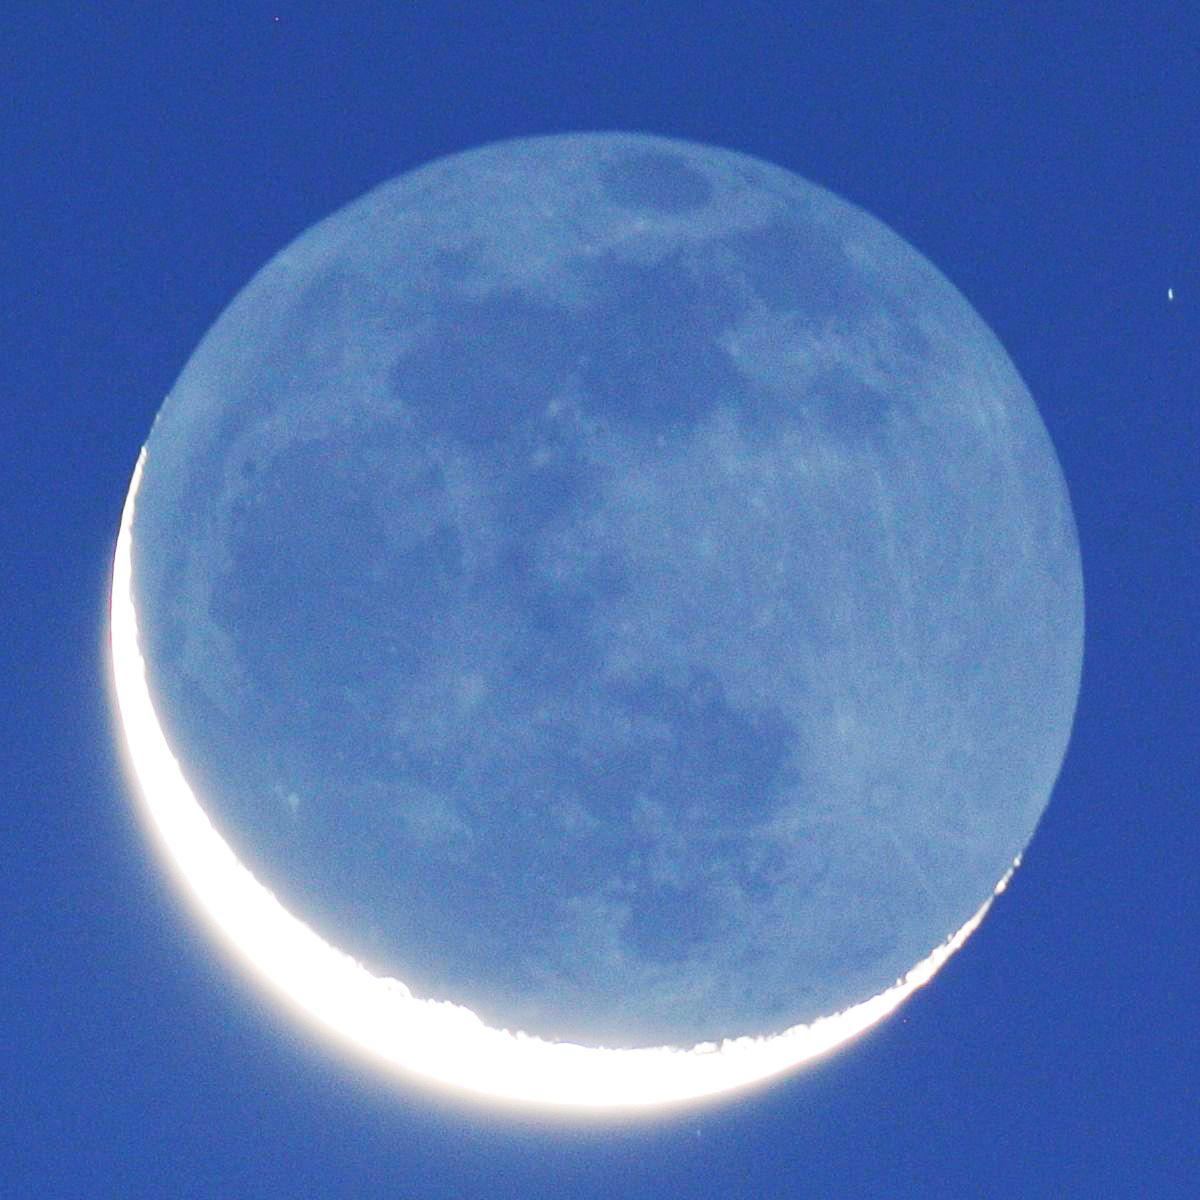 2013年12月1日の月(地球照)_e0089232_14274155.jpg